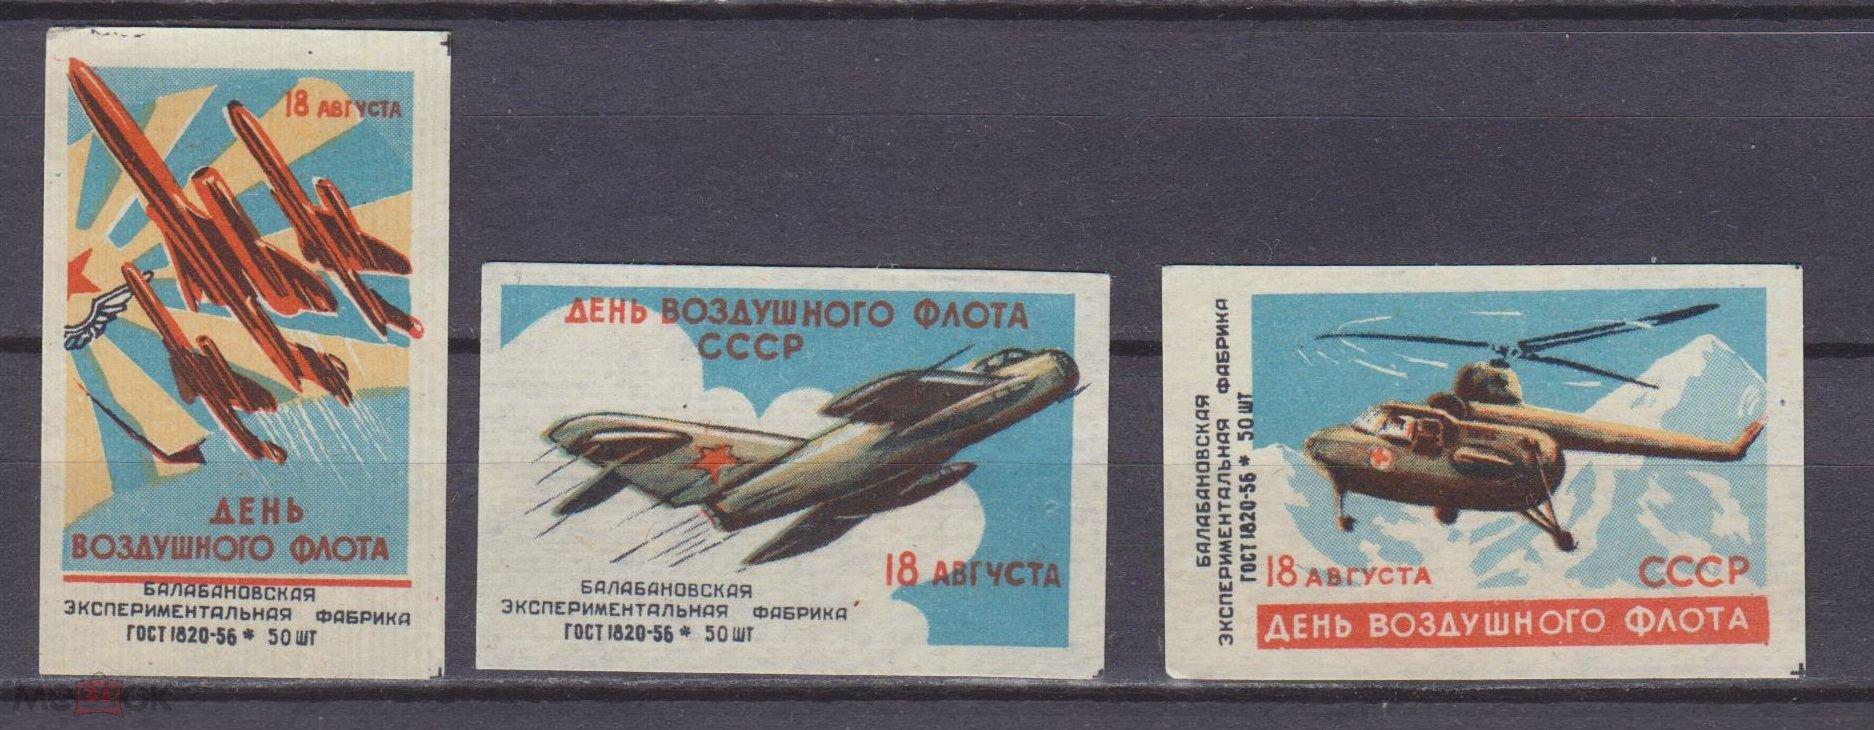 Февраля, картинки к дню воздушного флота ссср